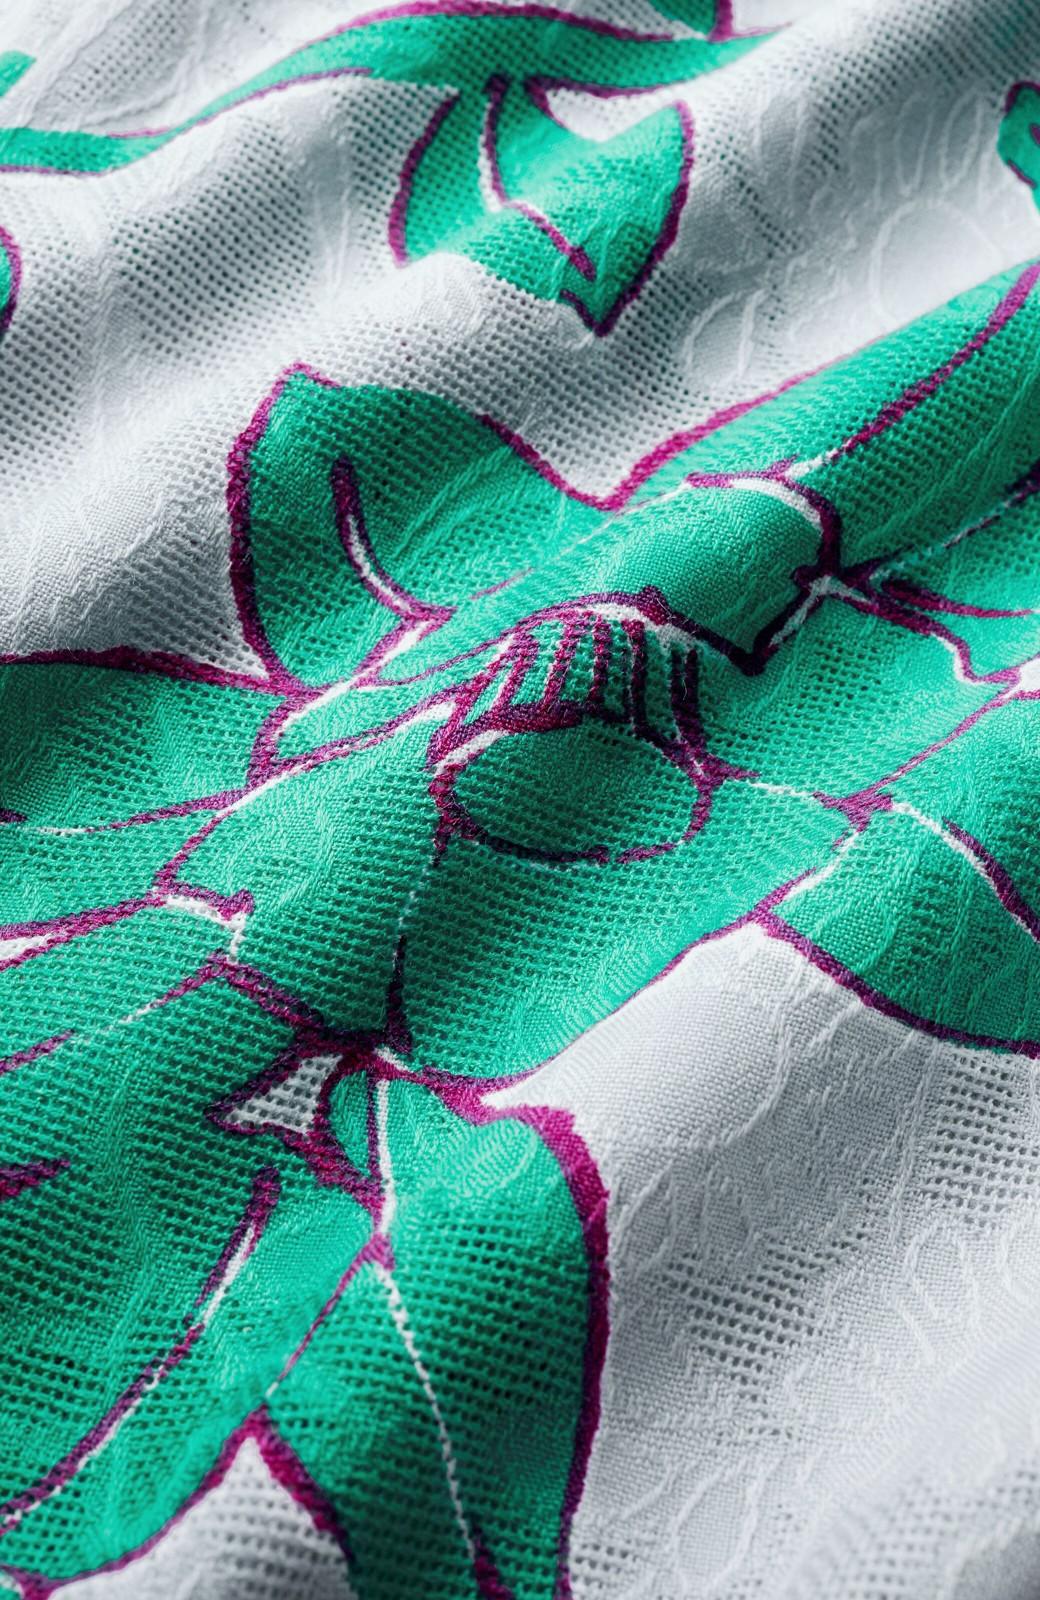 haco! ひでや工房 京都のからみ織ジャカード浴衣  <グレー系その他>の商品写真3